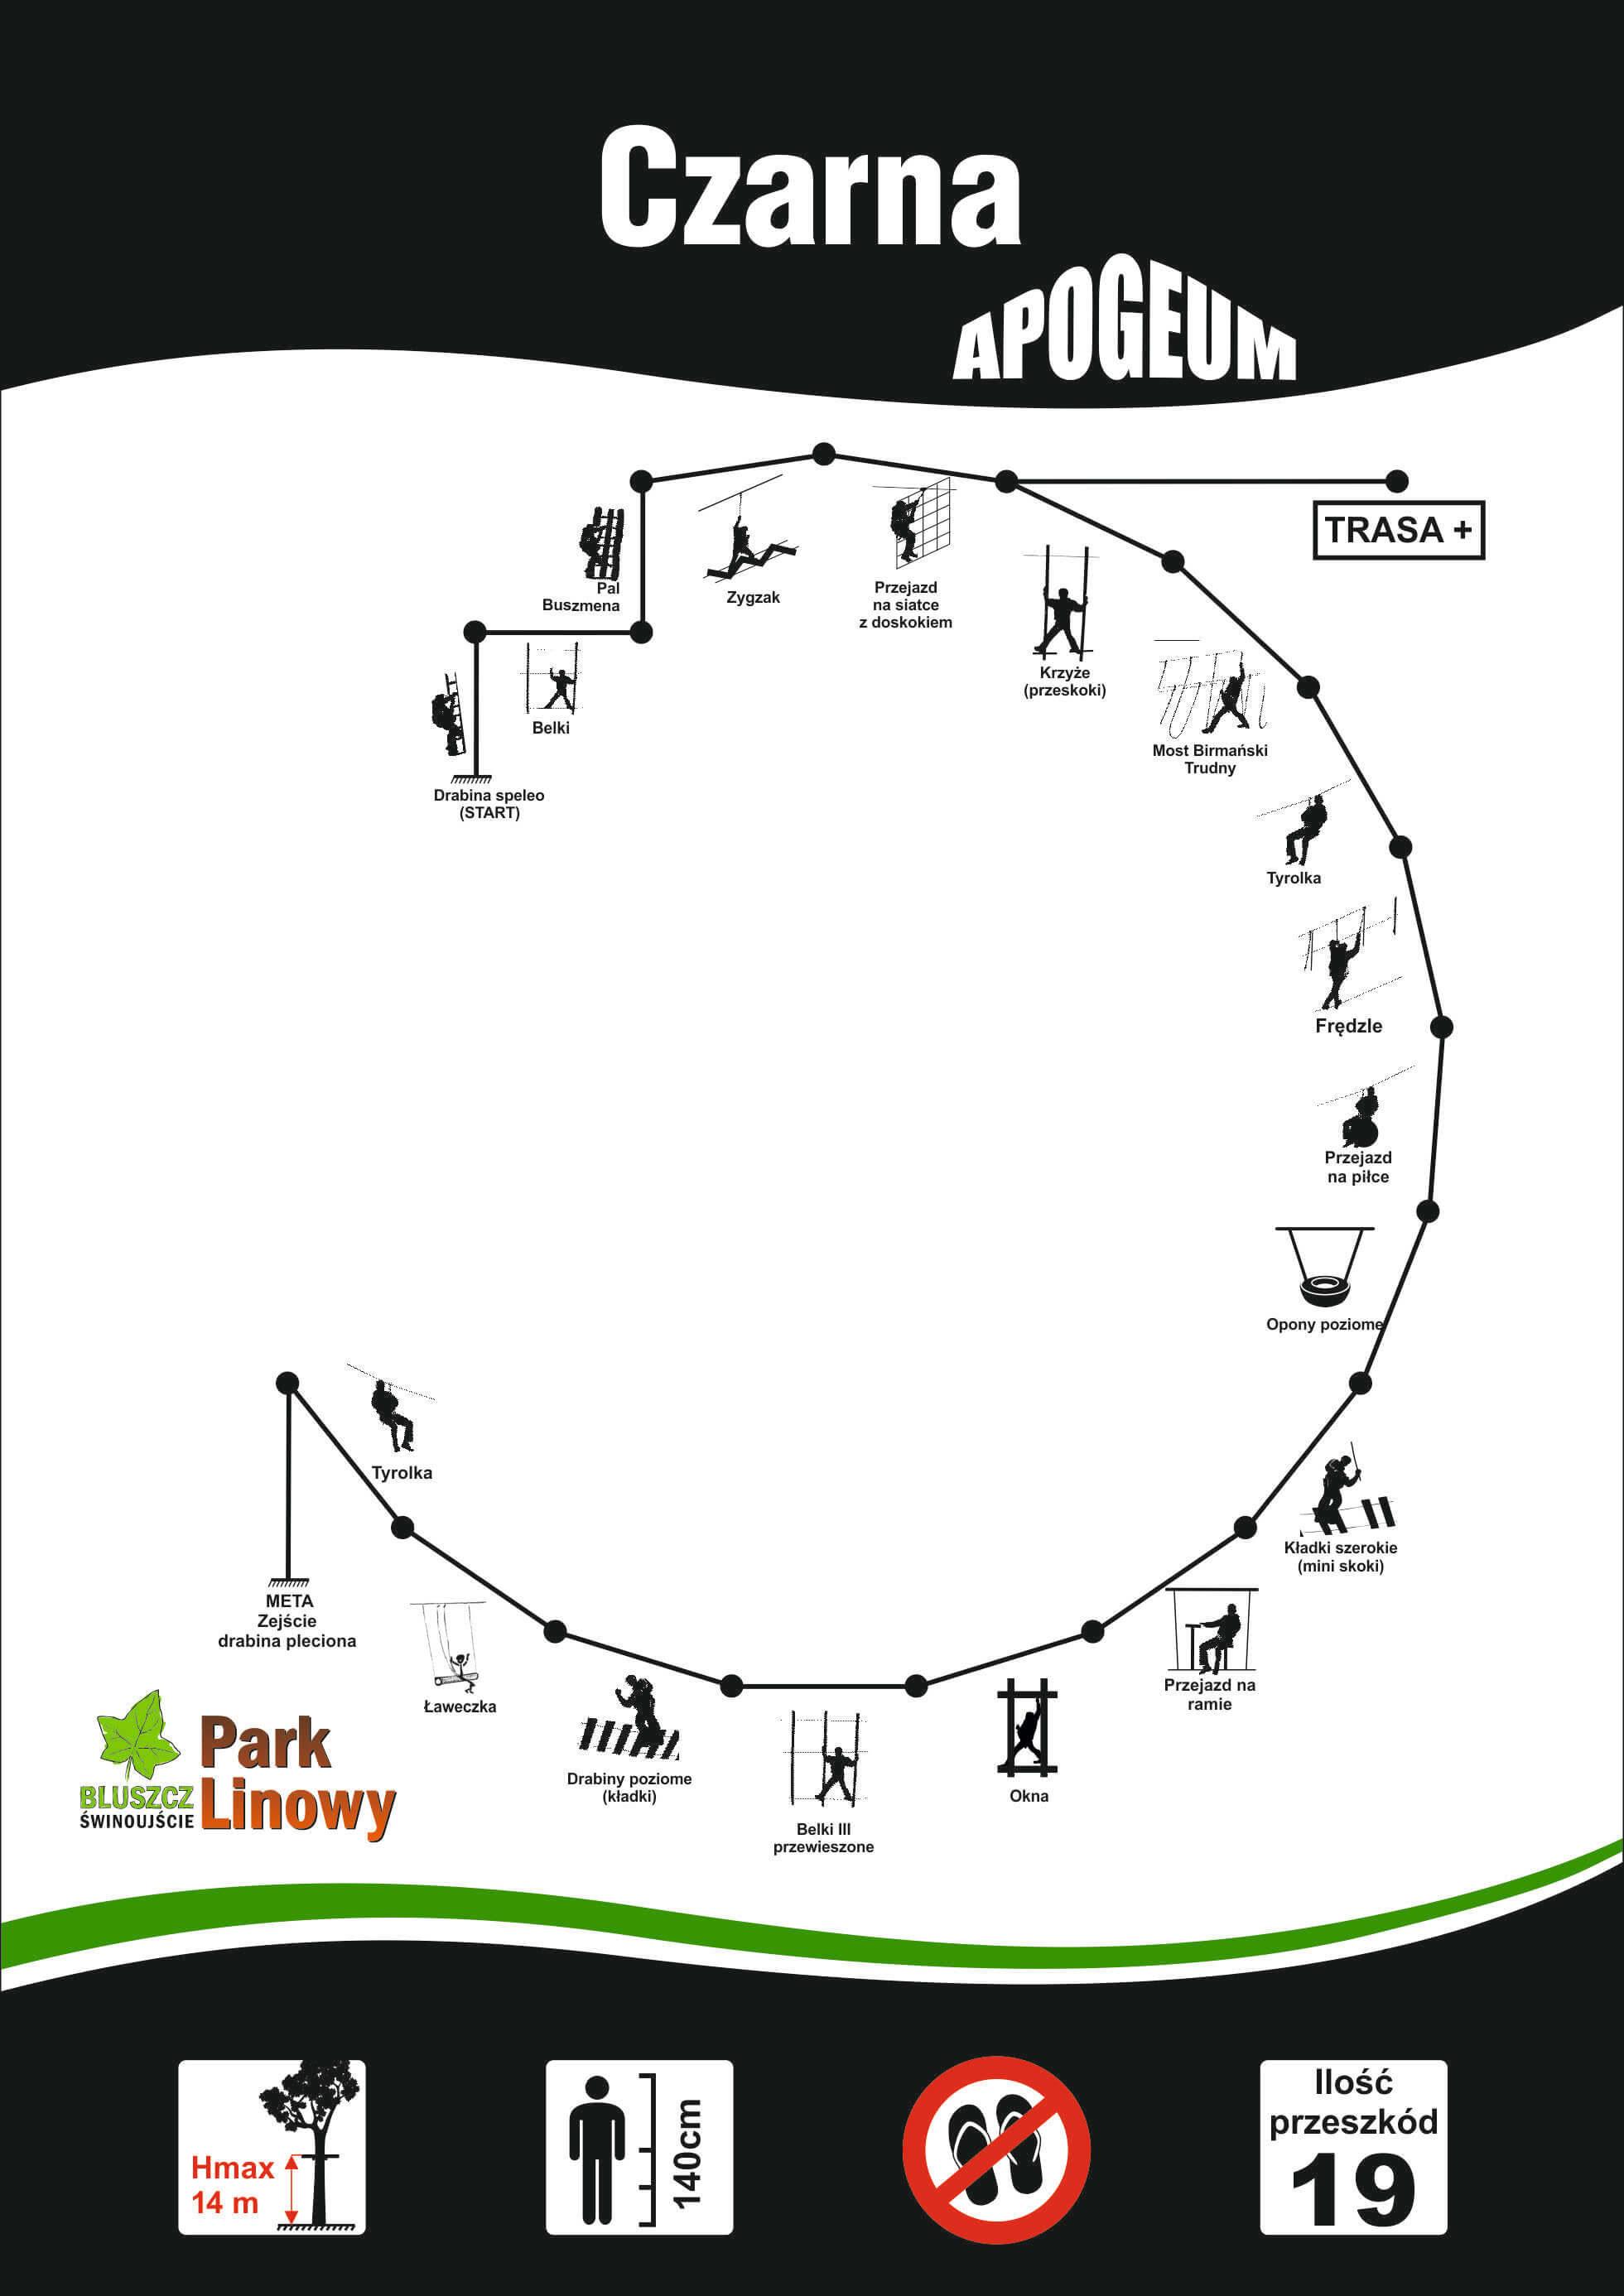 Trasa Czarna Świnoujście Park Linowy Bluszcz